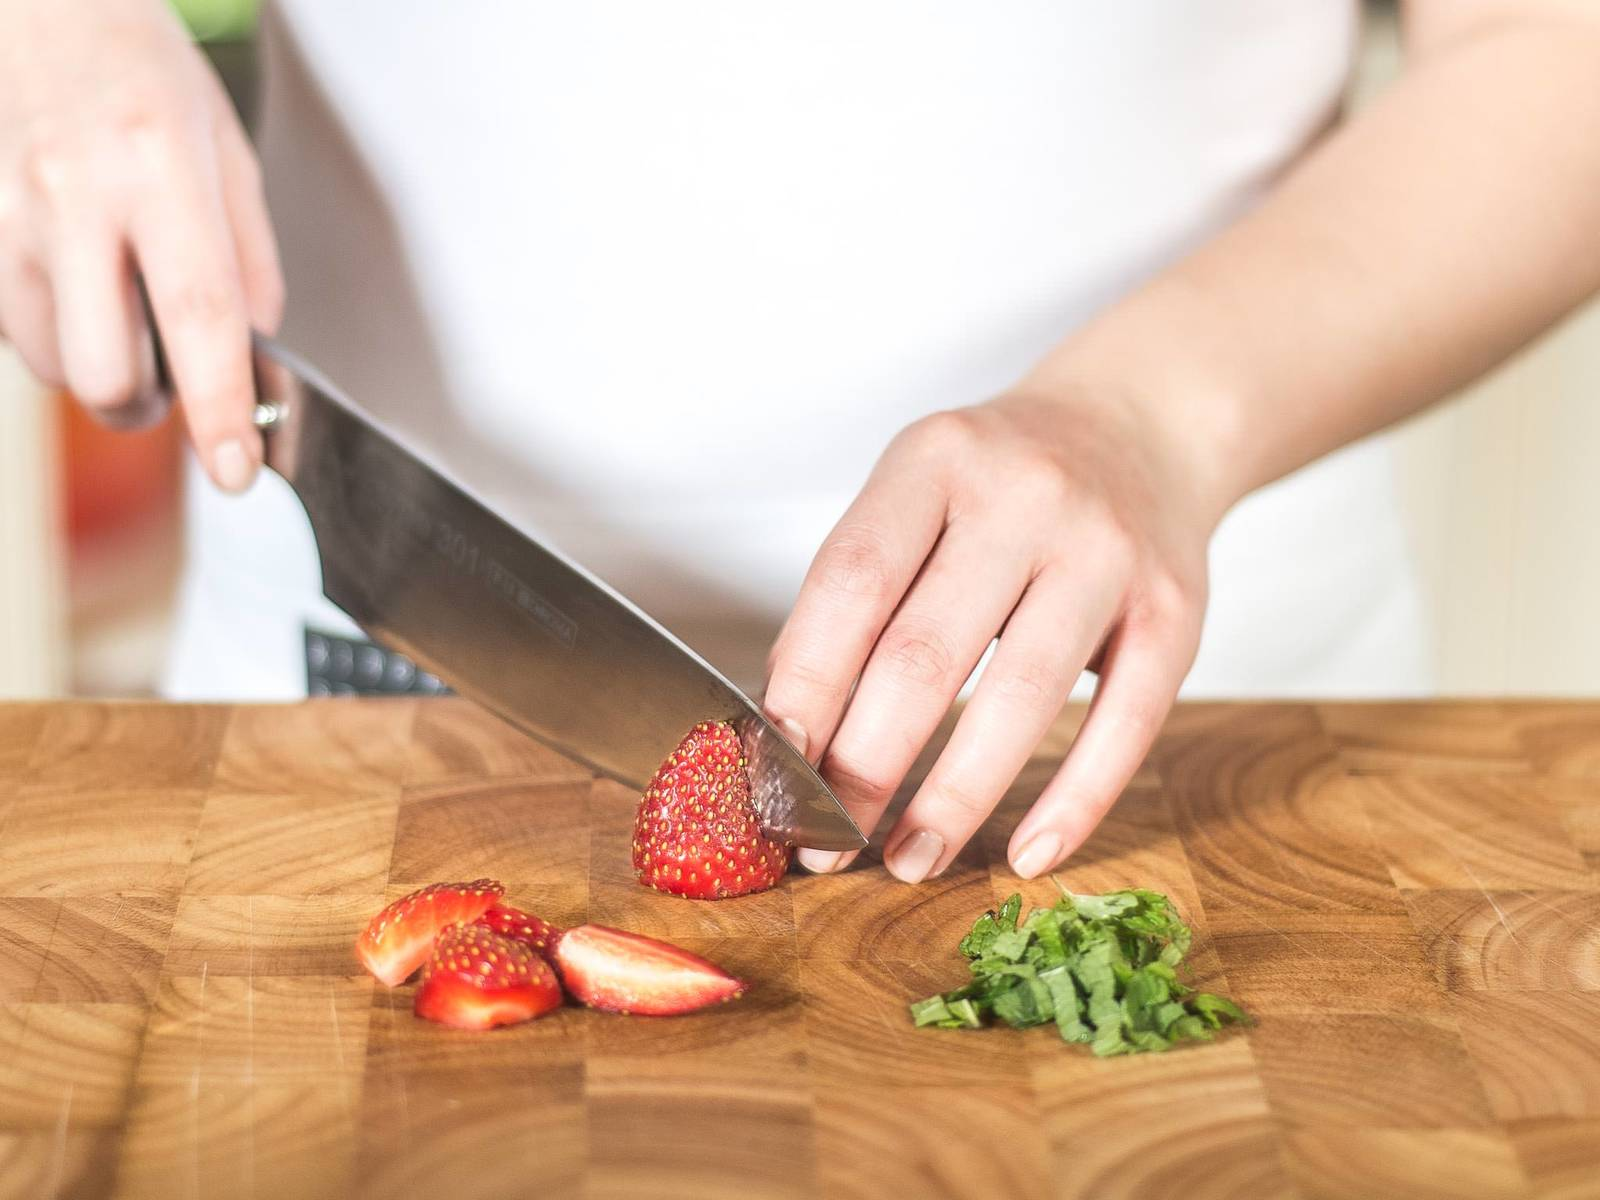 这期间,将薄荷切丝。清洗草莓后去茎,然后切半。